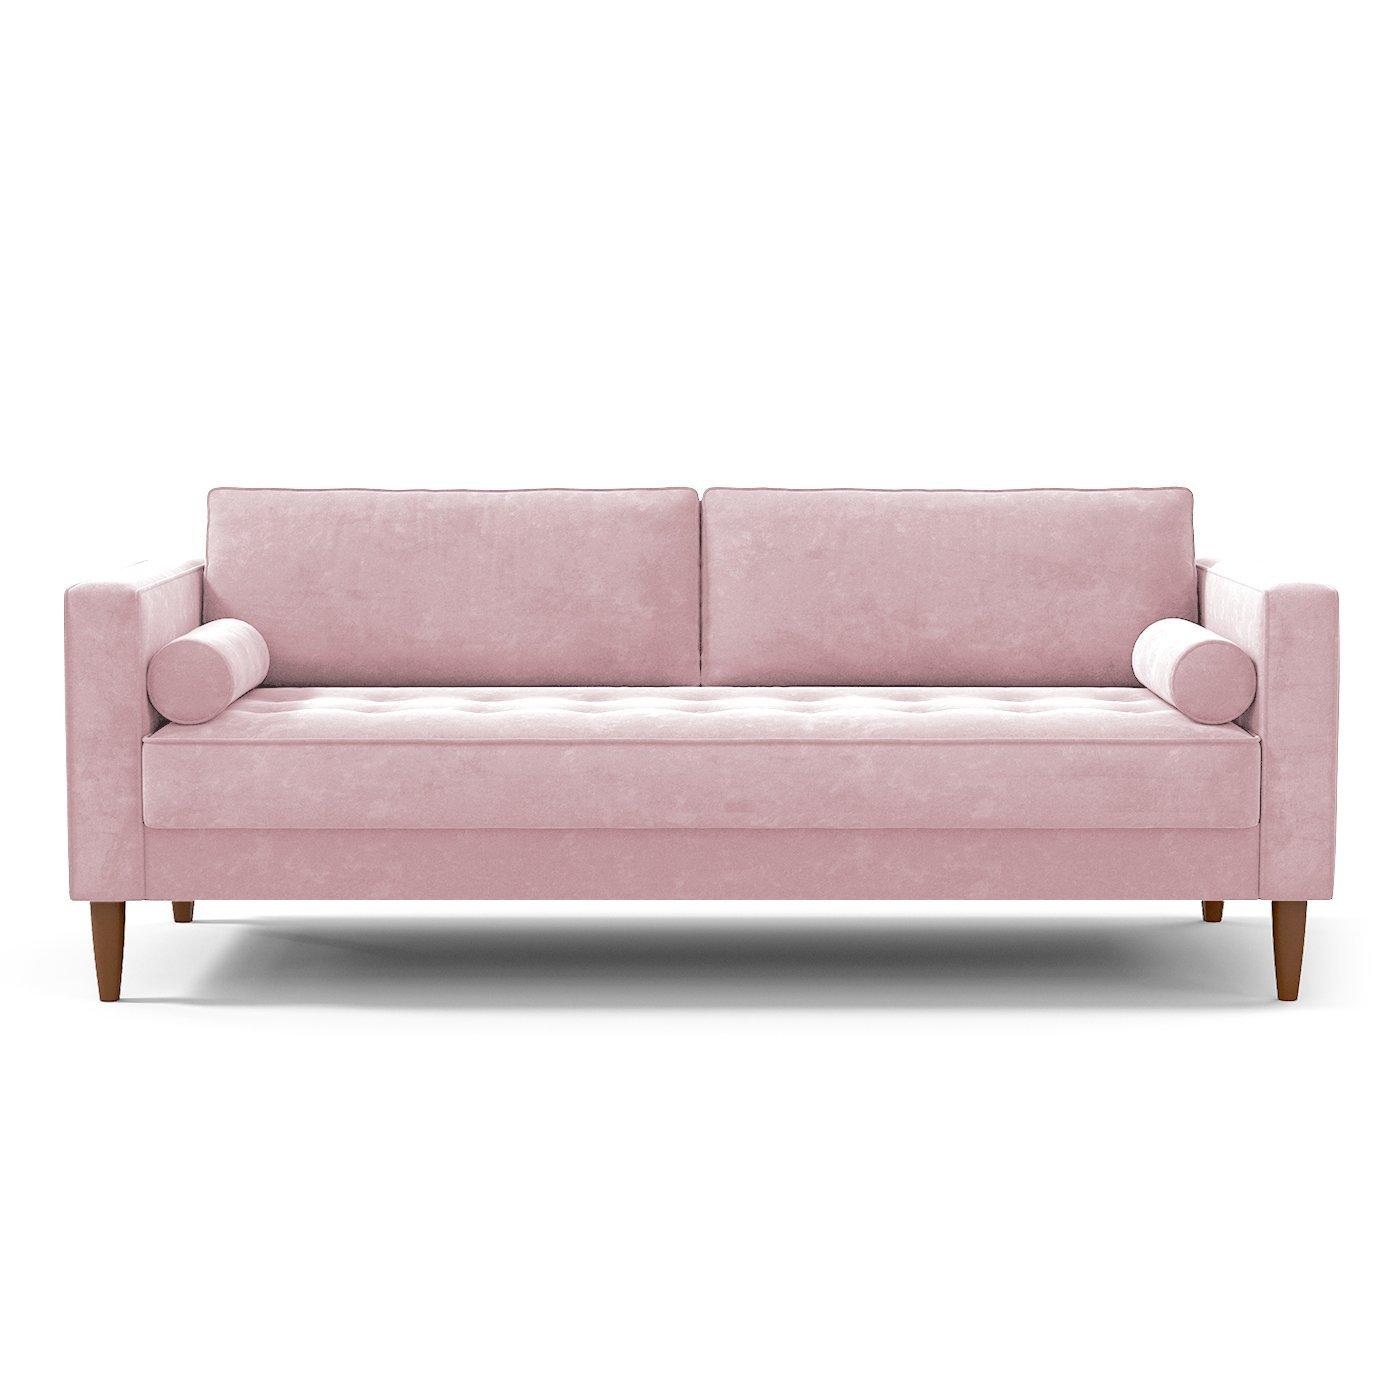 Delilah Sofa